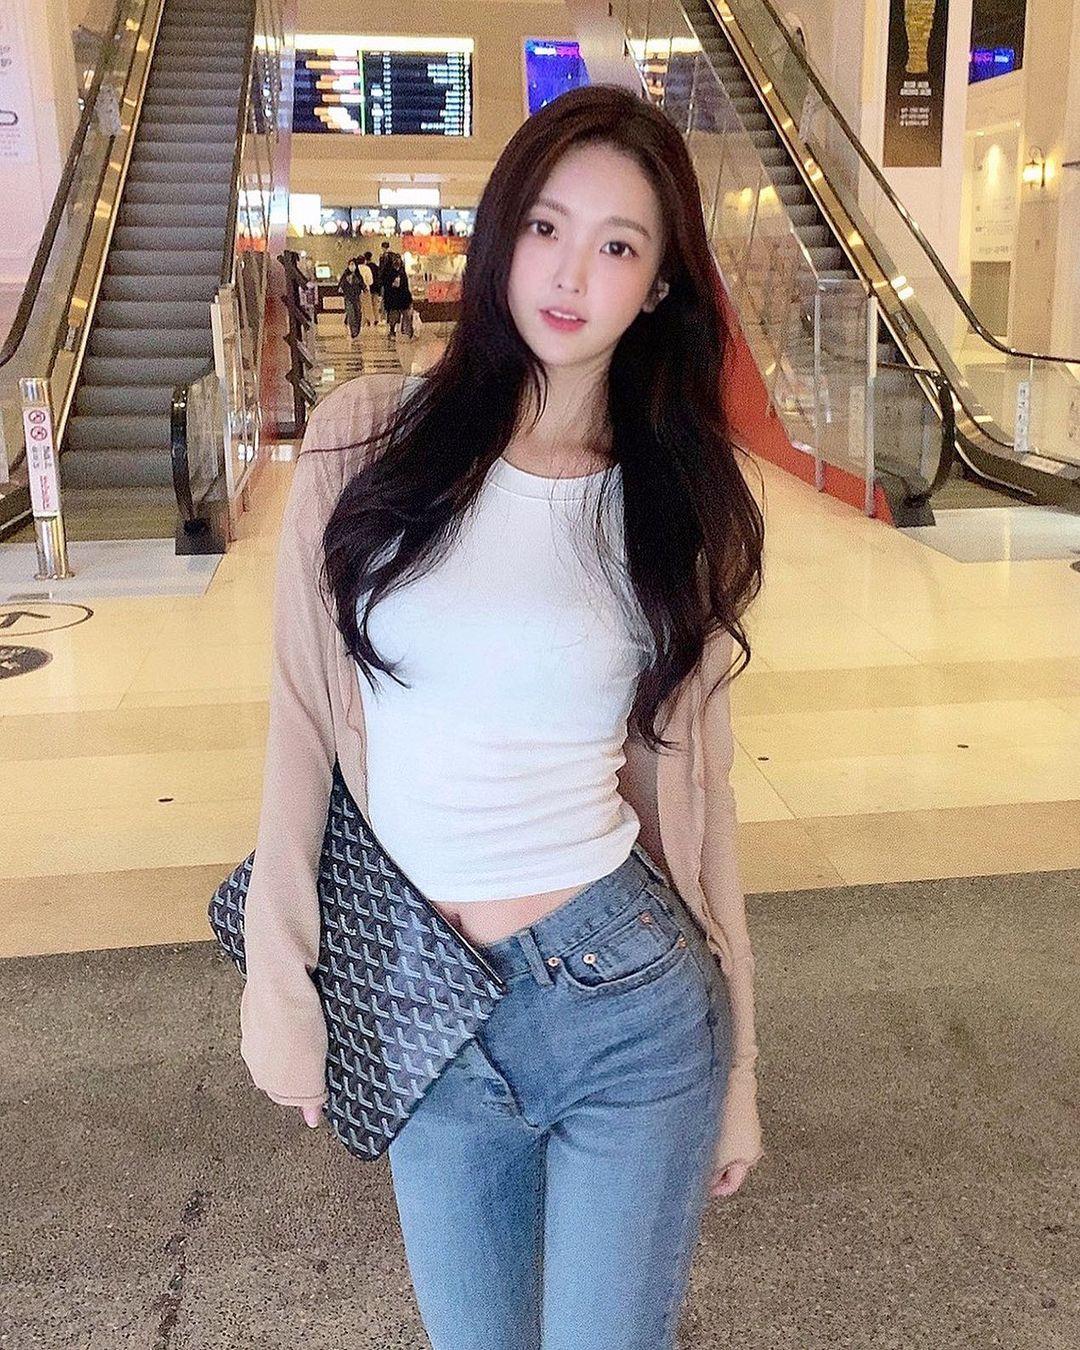 韩国网红美女「ryeong.aa」,靠脸吃饭迷人气息让人瞬间恋爱!